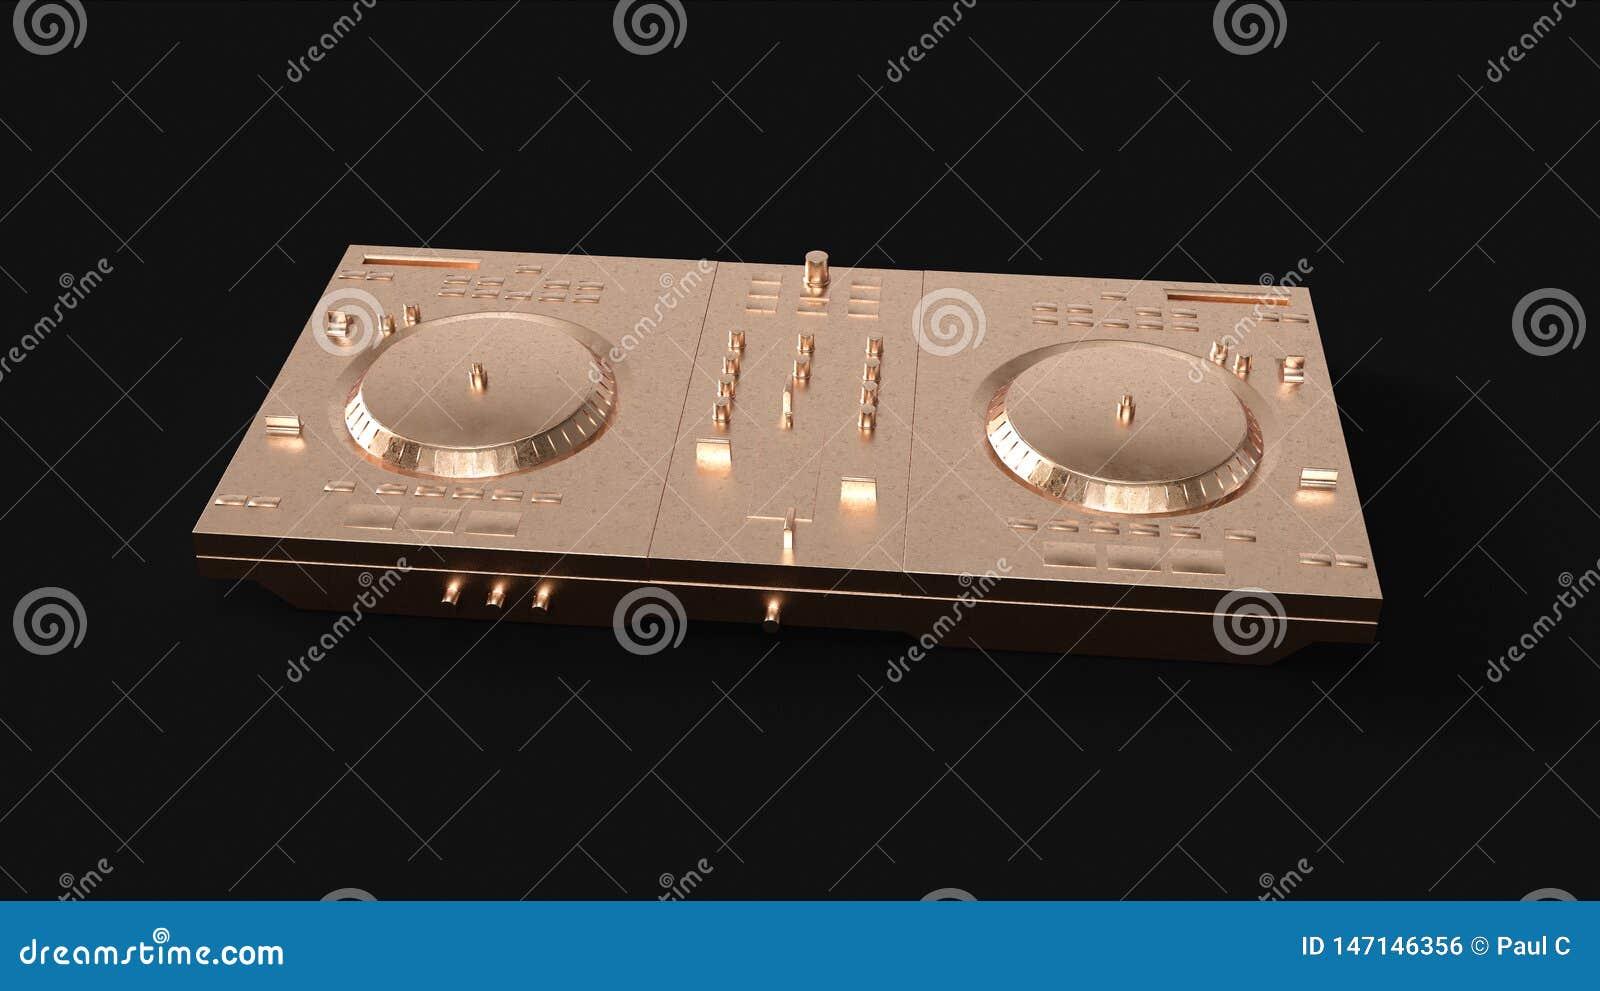 Brass Boombox StereoBrass Cassette TapeBrass DJ Decks